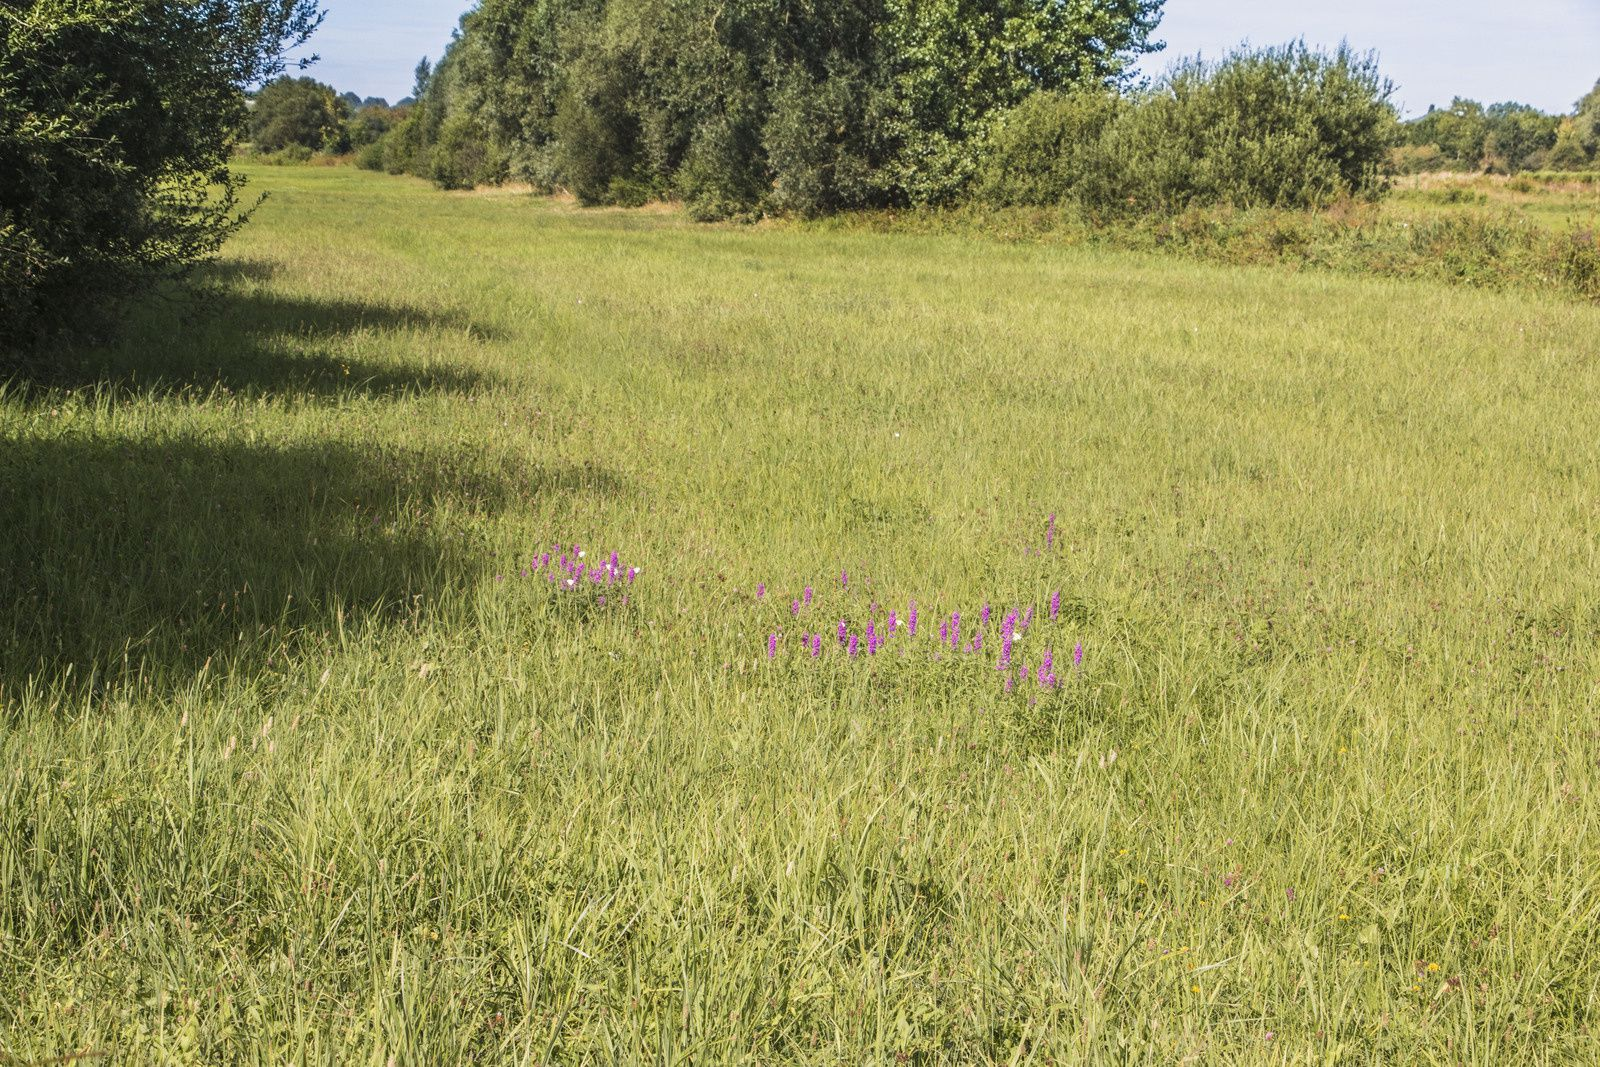 Fleurs des près. Peut-être s'agit-il de Dactylorhiza praetermissa ou encore appelée orchis négligé. Elle est une espèce de plante herbacée vivace de la famille des Orchidaceae.  Elle est aussi appelée « Dactylorhize oublié » ou « Orchis oublié ». On retrouve cette espèce dans les prairies humides du nord de la France. Rares sont les prairies encore vertes après la canicule.